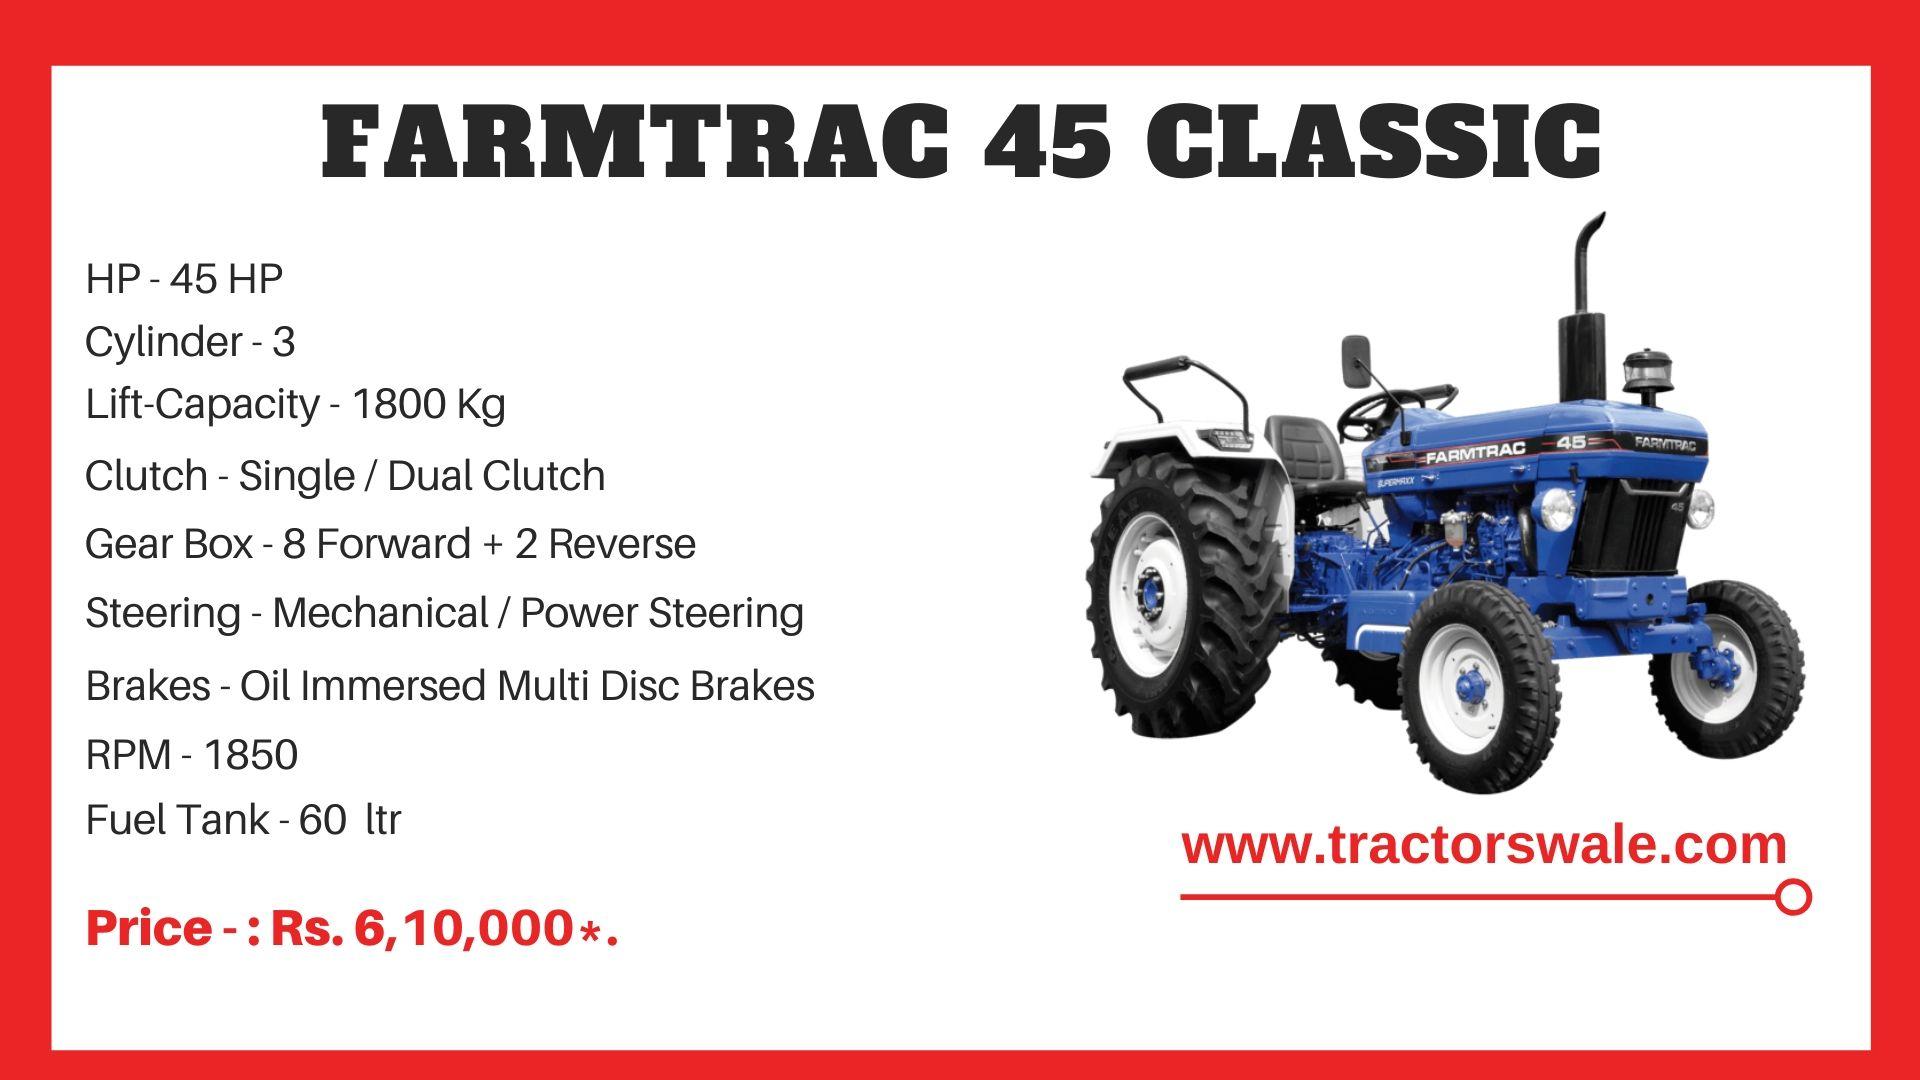 Farmtrac 45 Classic tractor